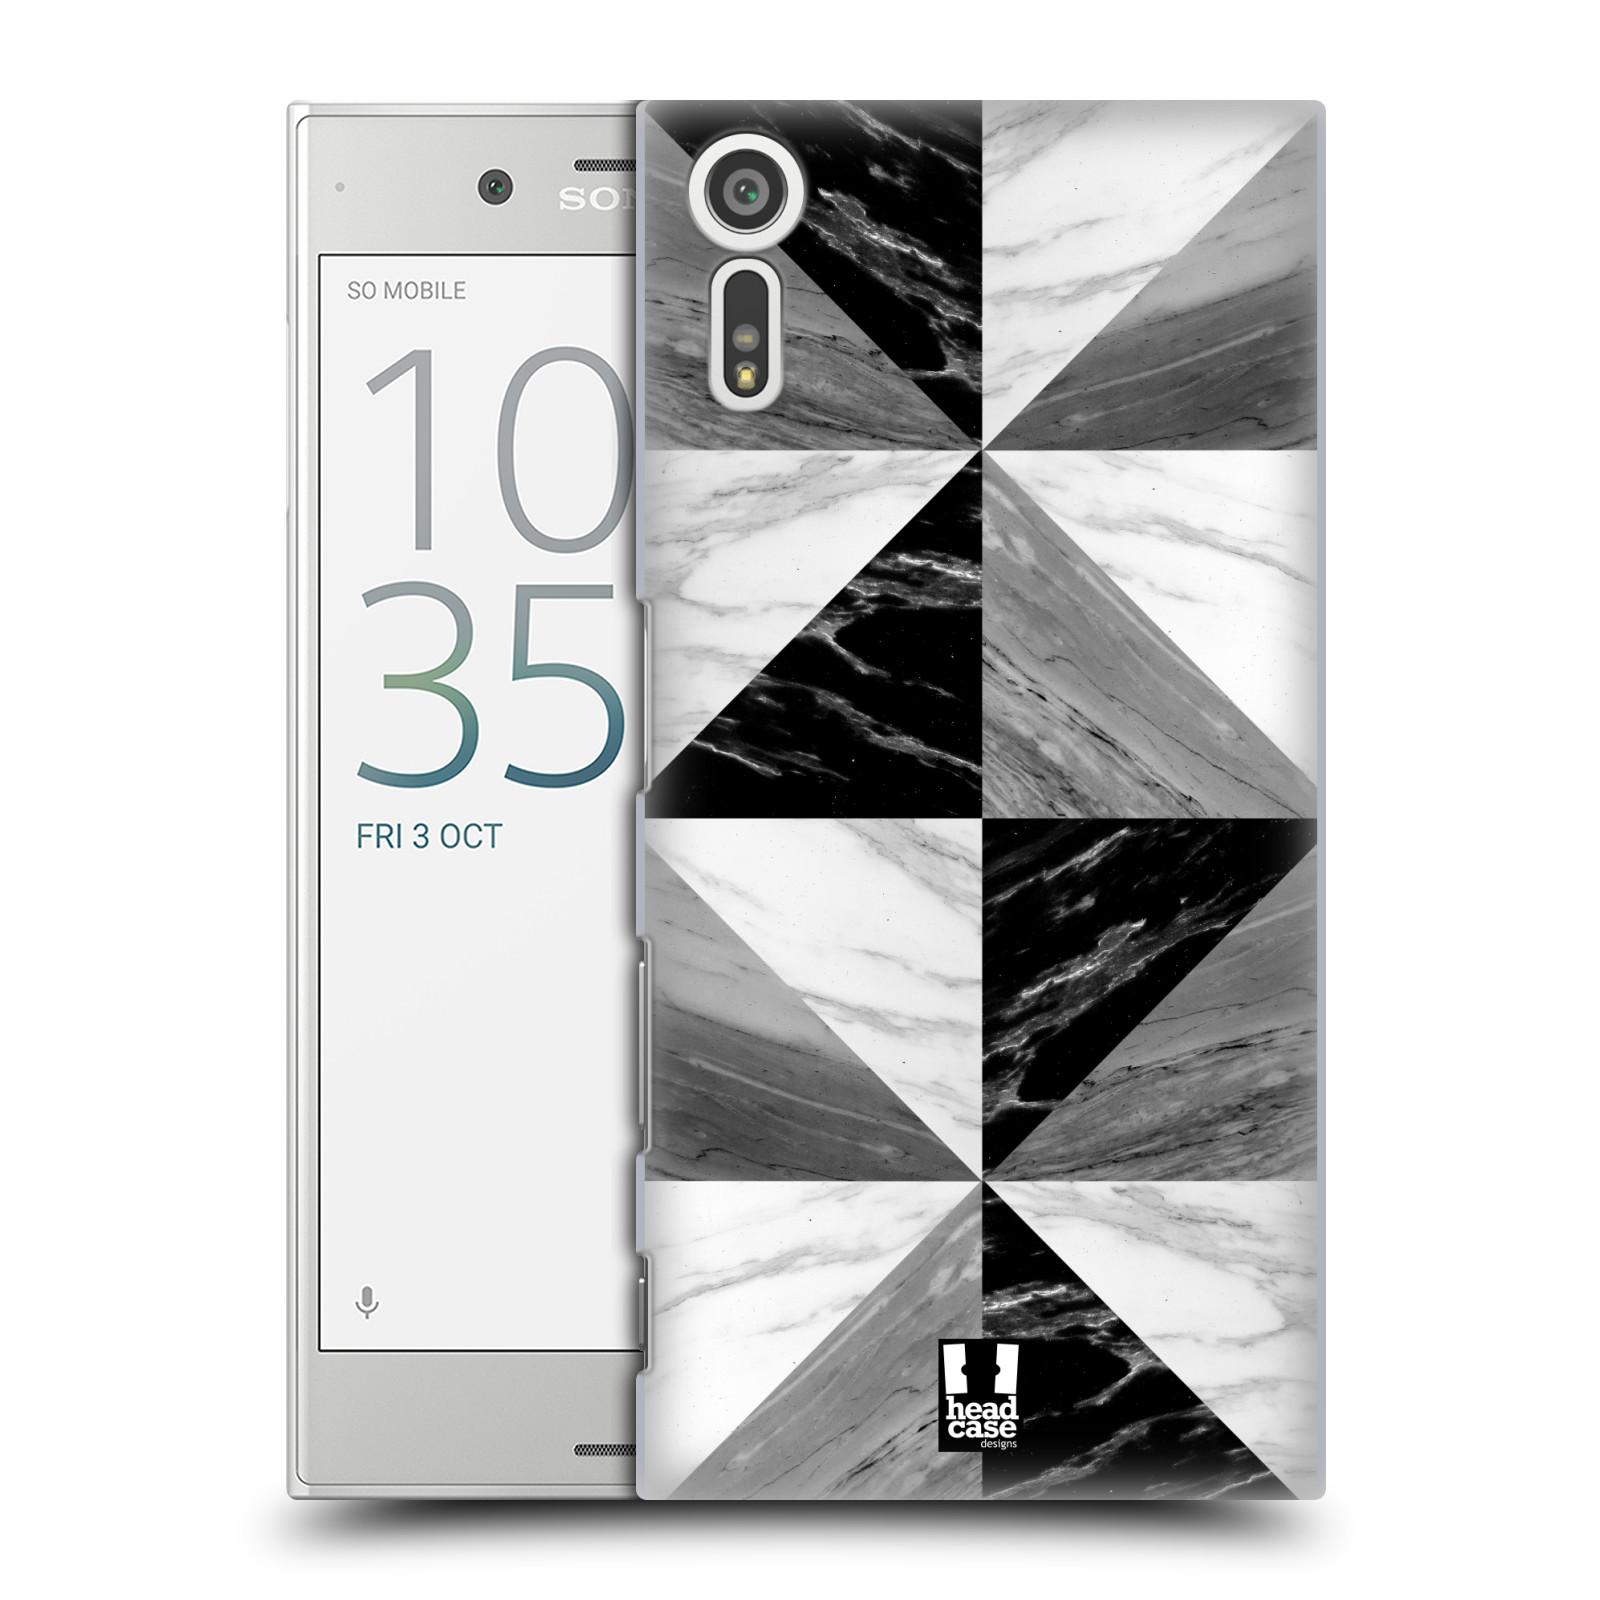 Plastové pouzdro na mobil Sony Xperia XZ - Head Case - Mramor triangl (Plastový kryt či obal na mobilní telefon s motivem Mramor triangl pro Sony Xperia XZ F8331 / Sony Xperia XZ Dual F8332)